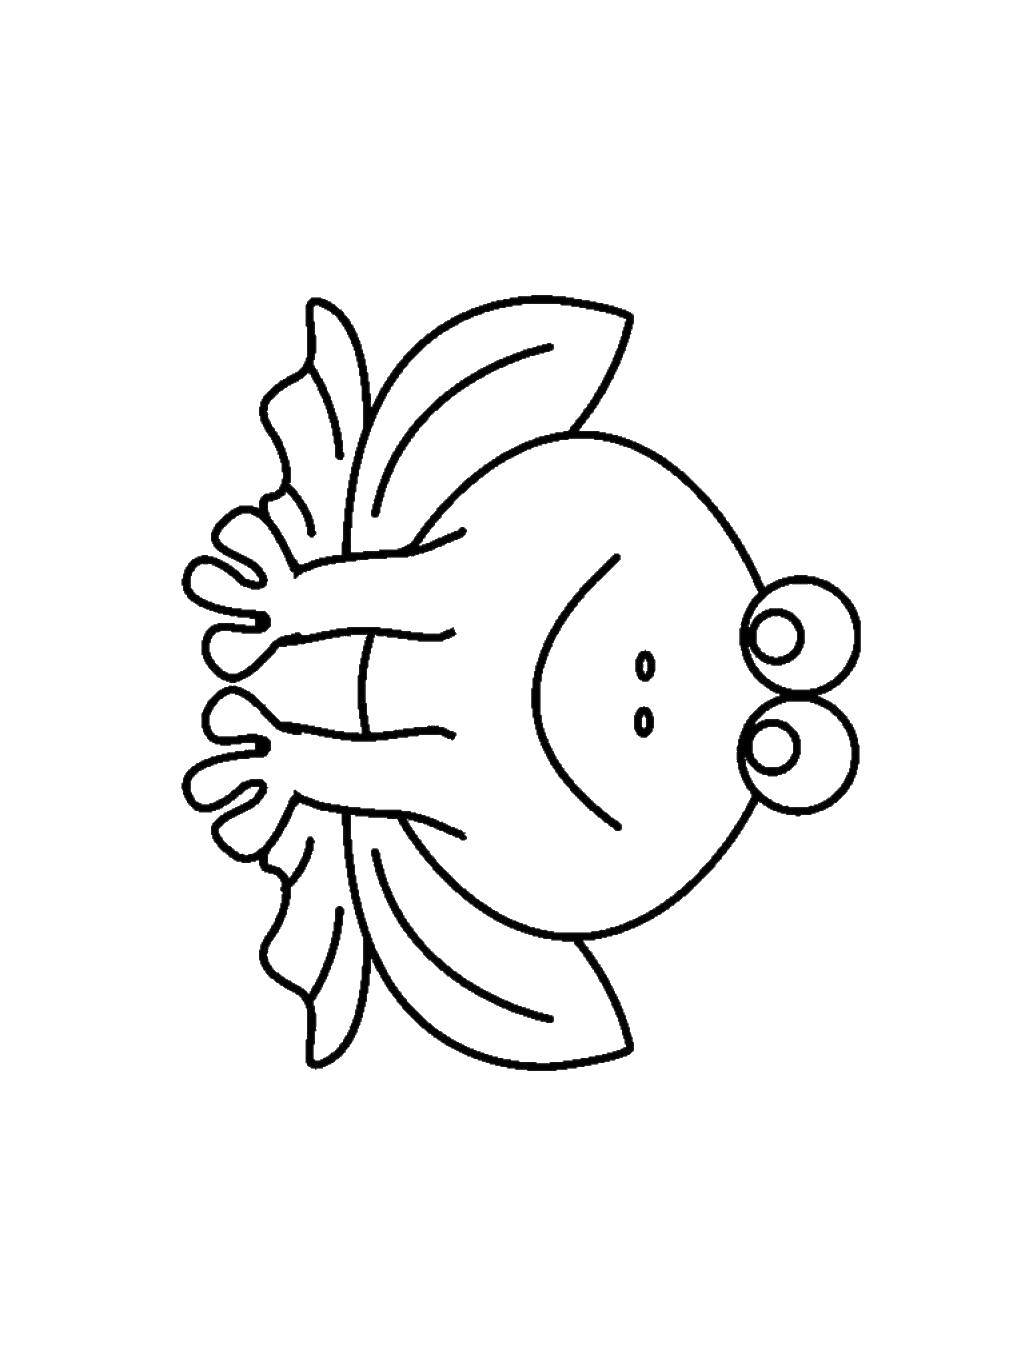 Раскраска Лягушка с большими глазами. Скачать лягушка, лапы, глаза.  Распечатать ,простые раскраски,